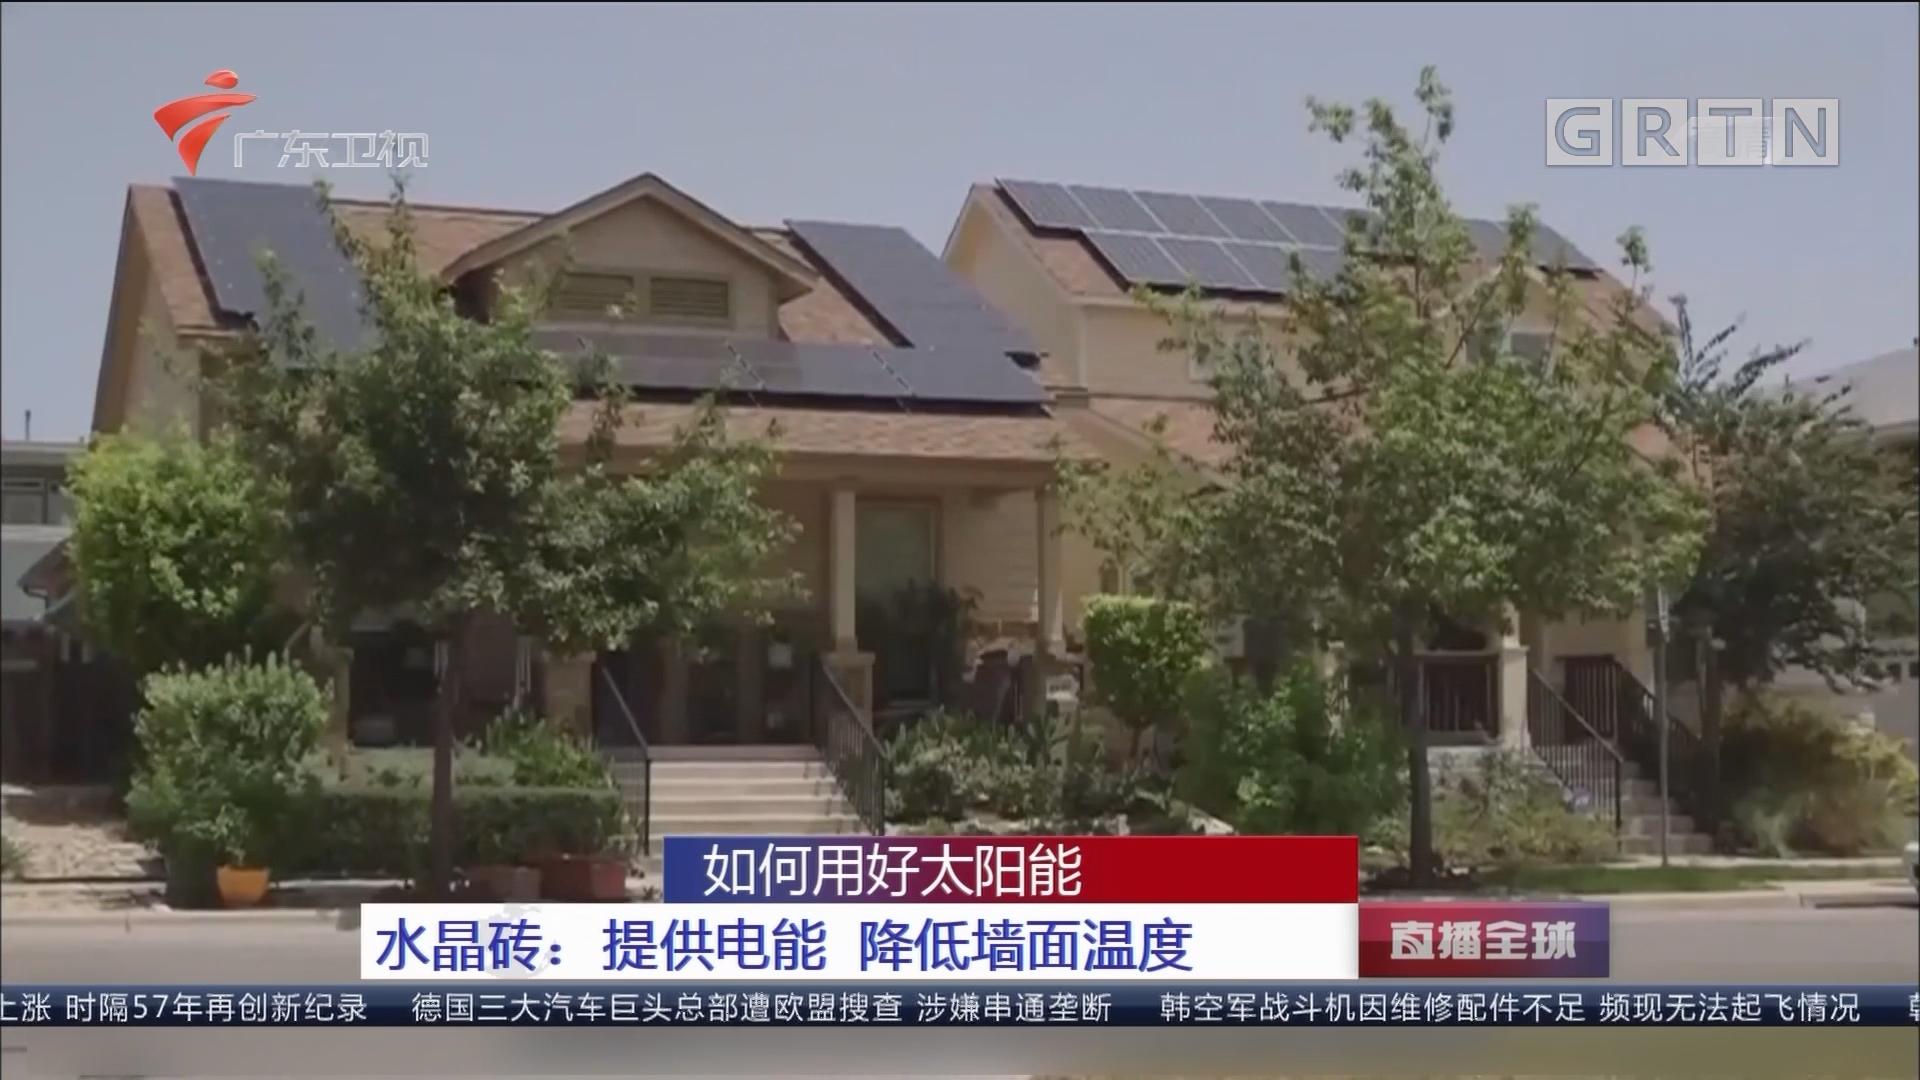 如何用好太阳能 水晶砖:提供电能 降低墙面温度